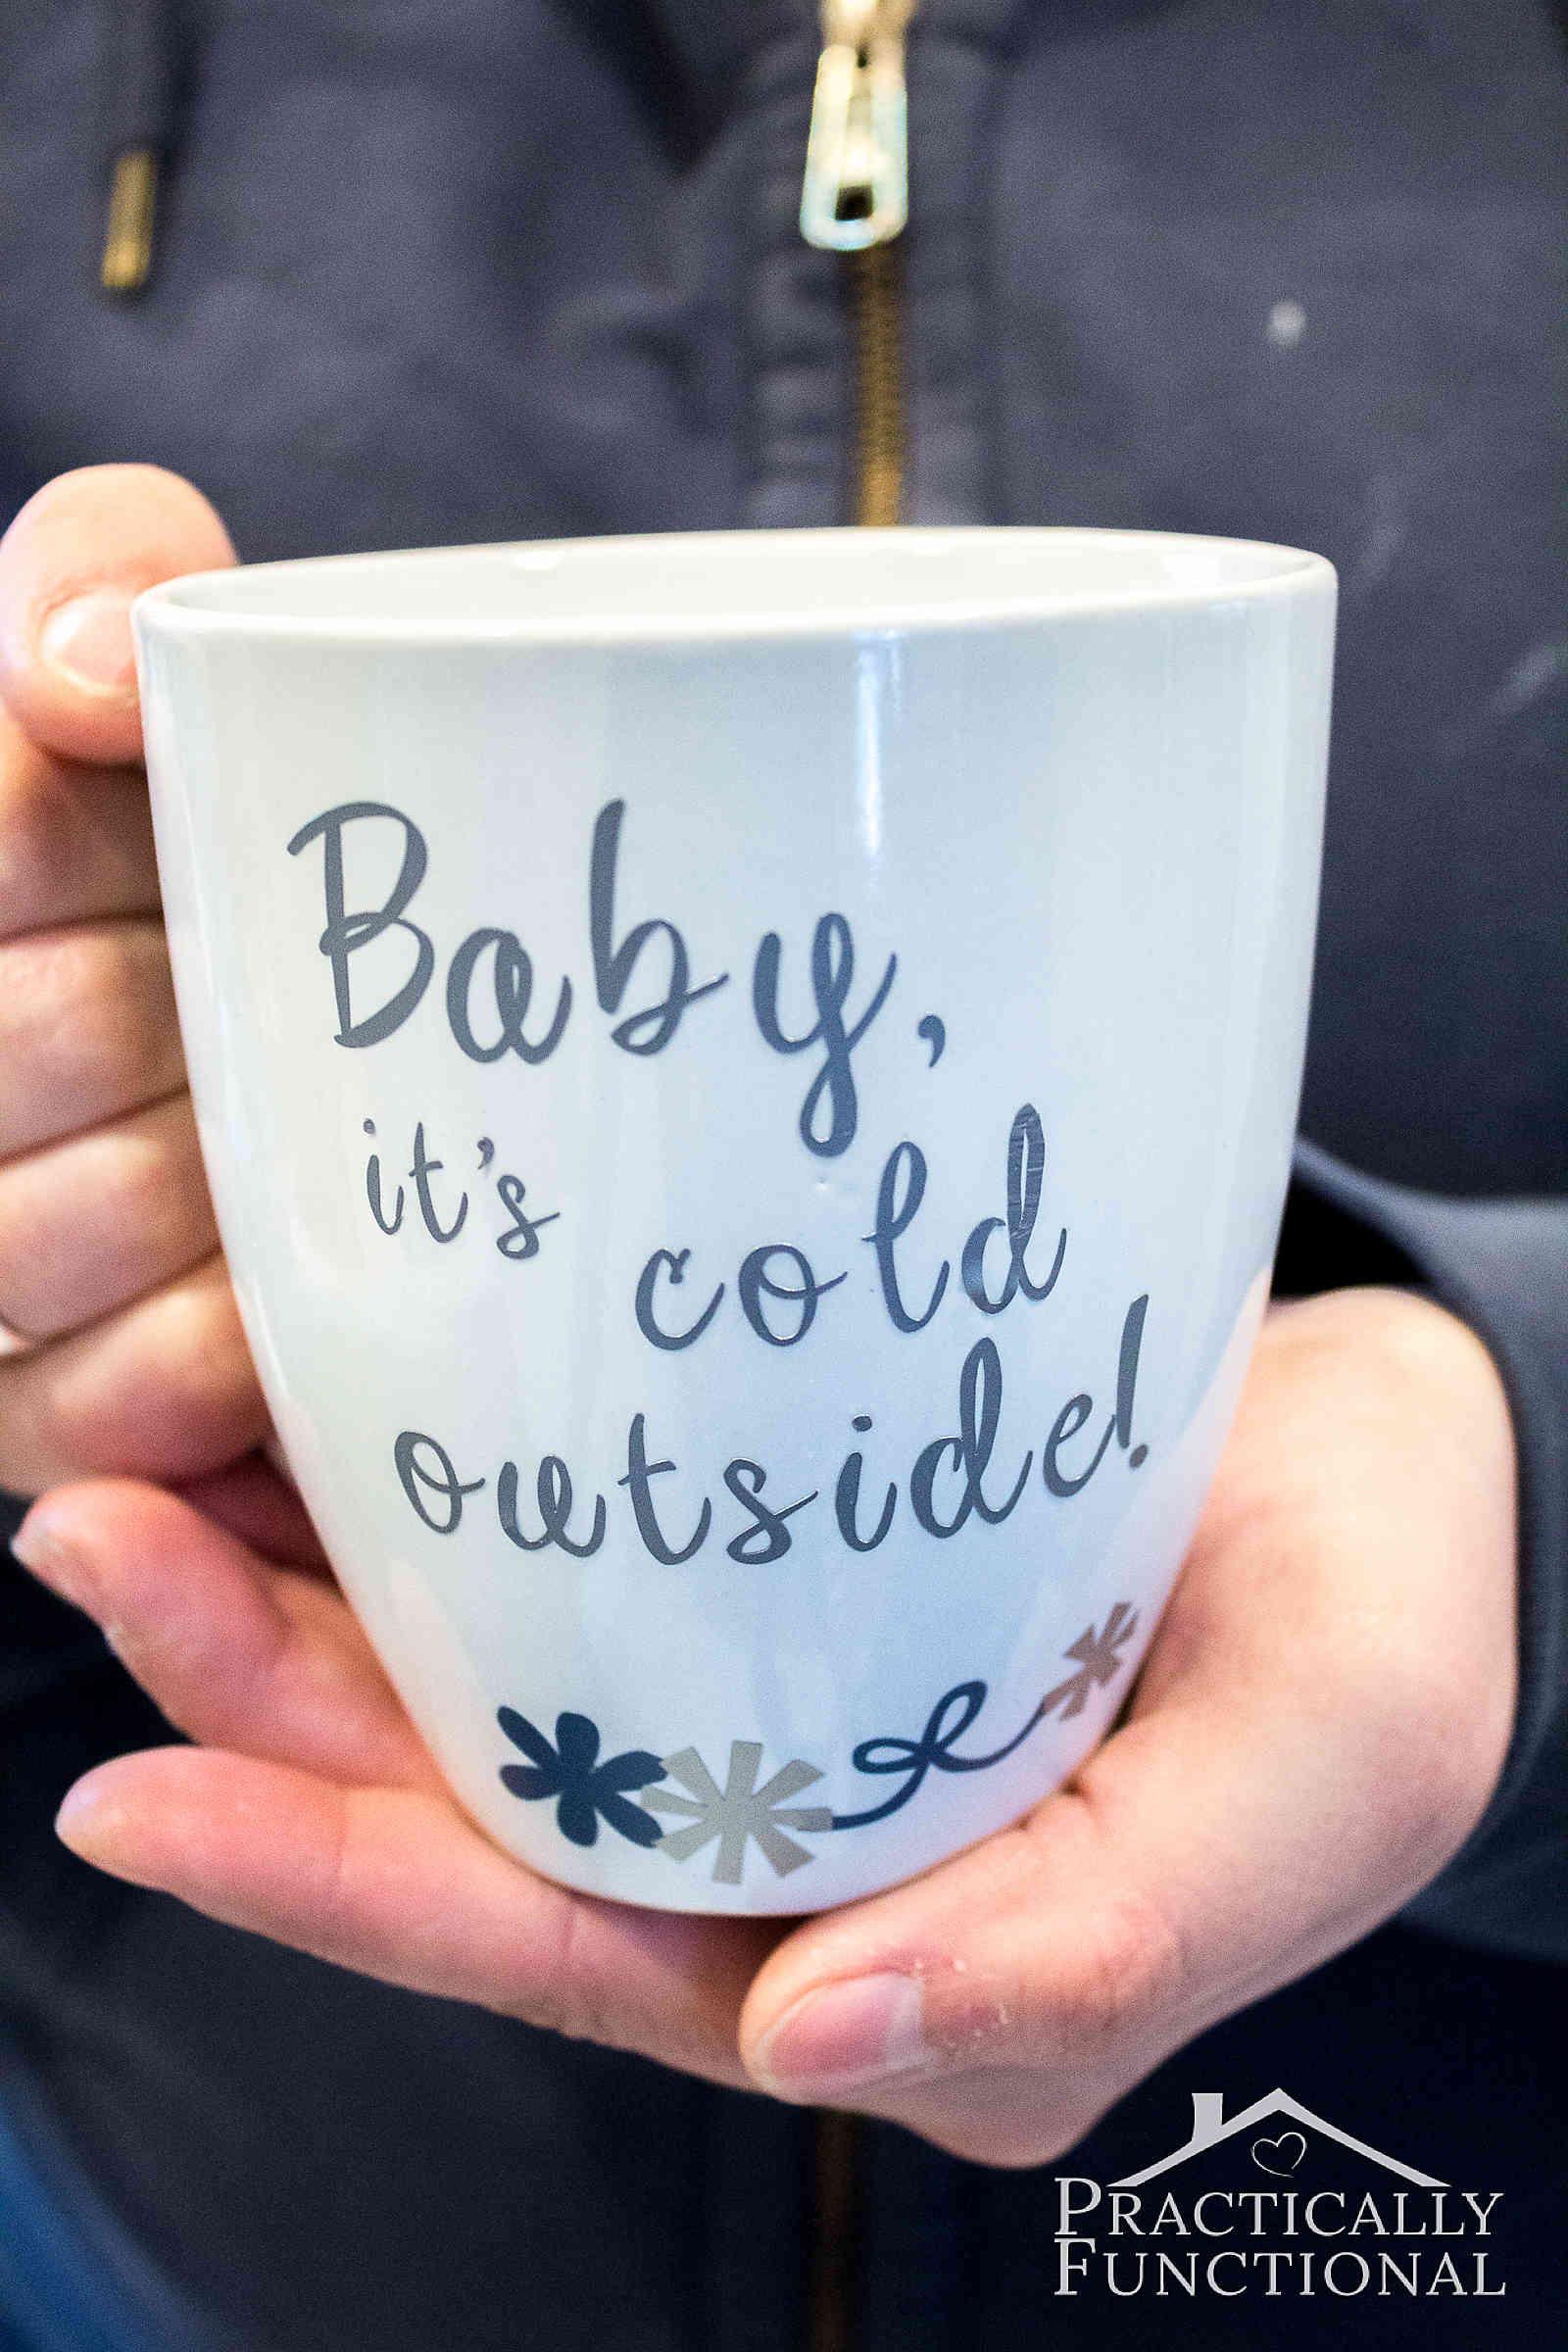 Cricut Coffee Mug Ideas : cricut, coffee, ideas, Vinyl, Cricut, Explore, Practically, Functional